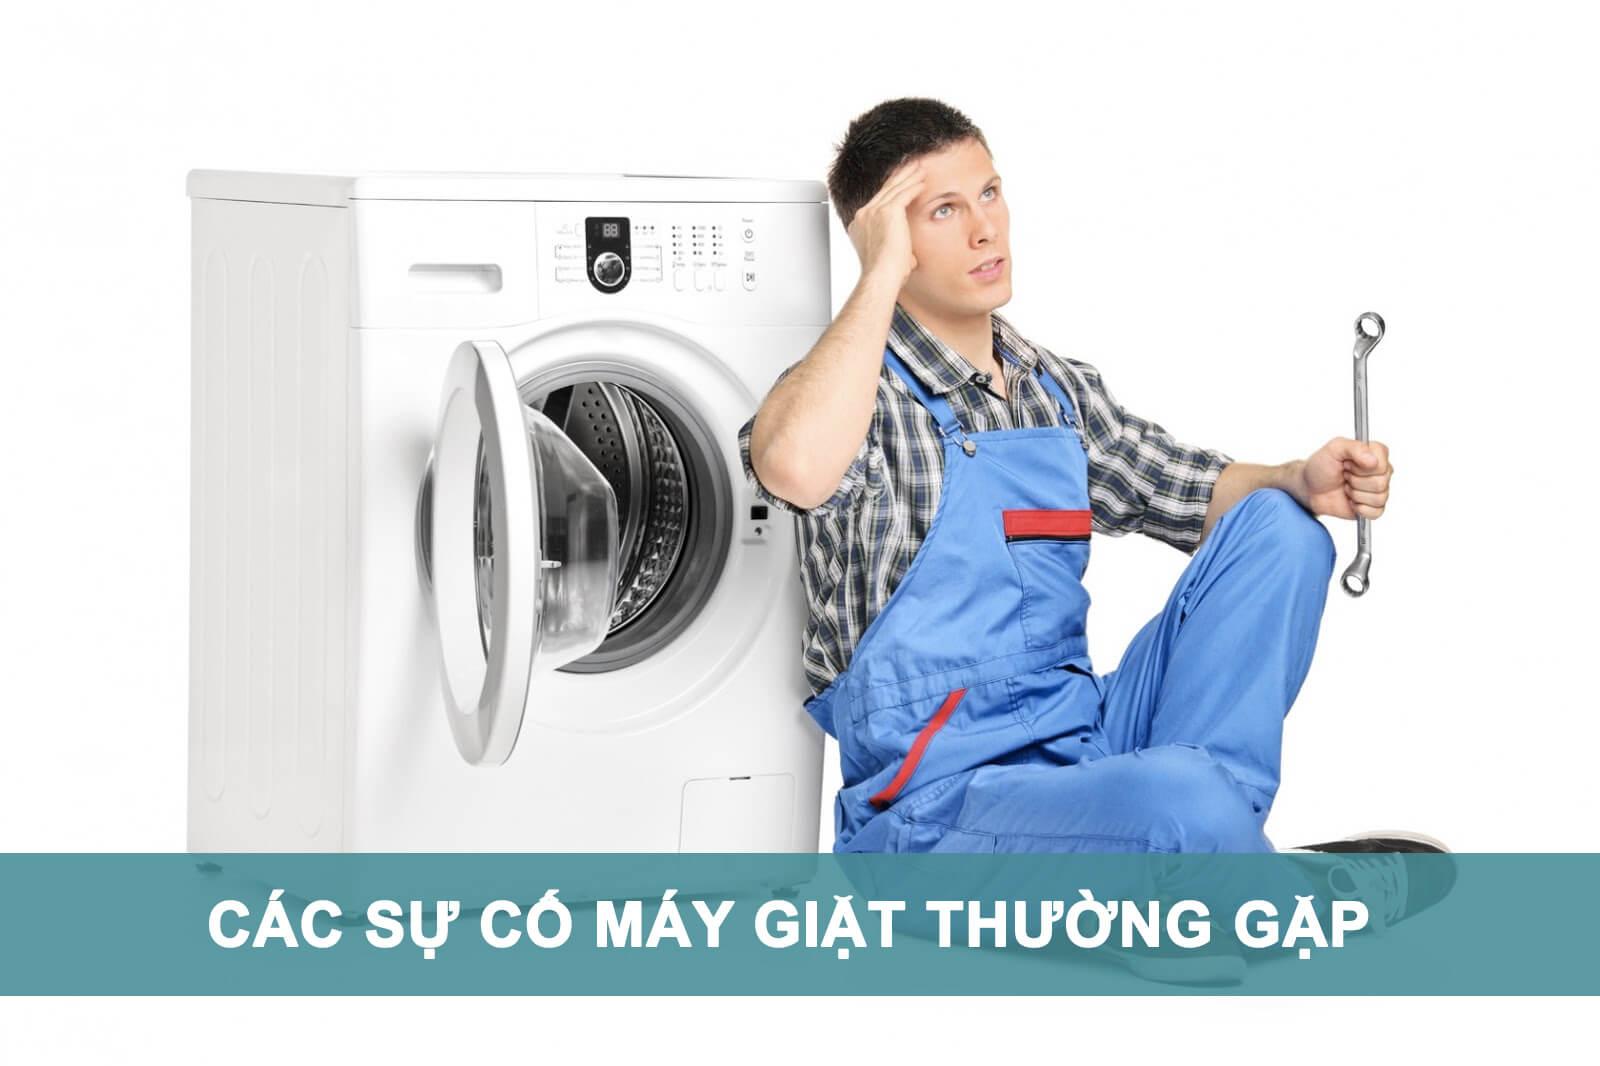 các sự cố máy giặt thường gặp